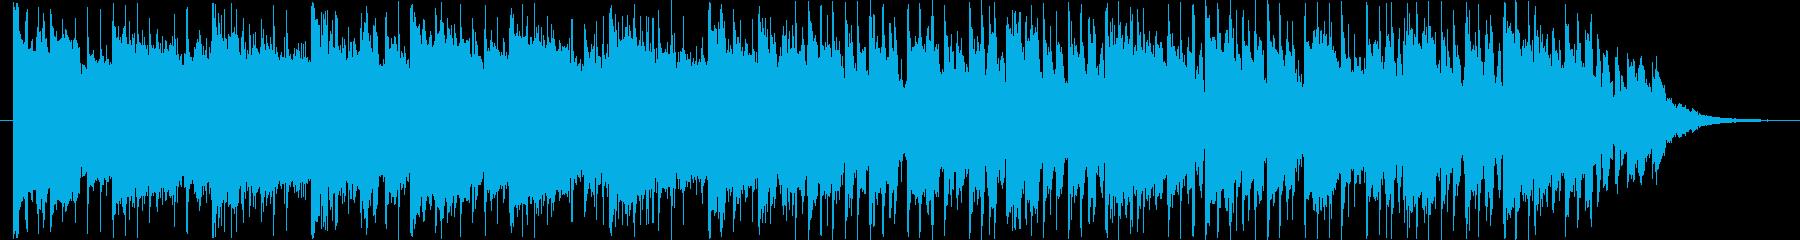 近未来的なBGM(60ver)の再生済みの波形